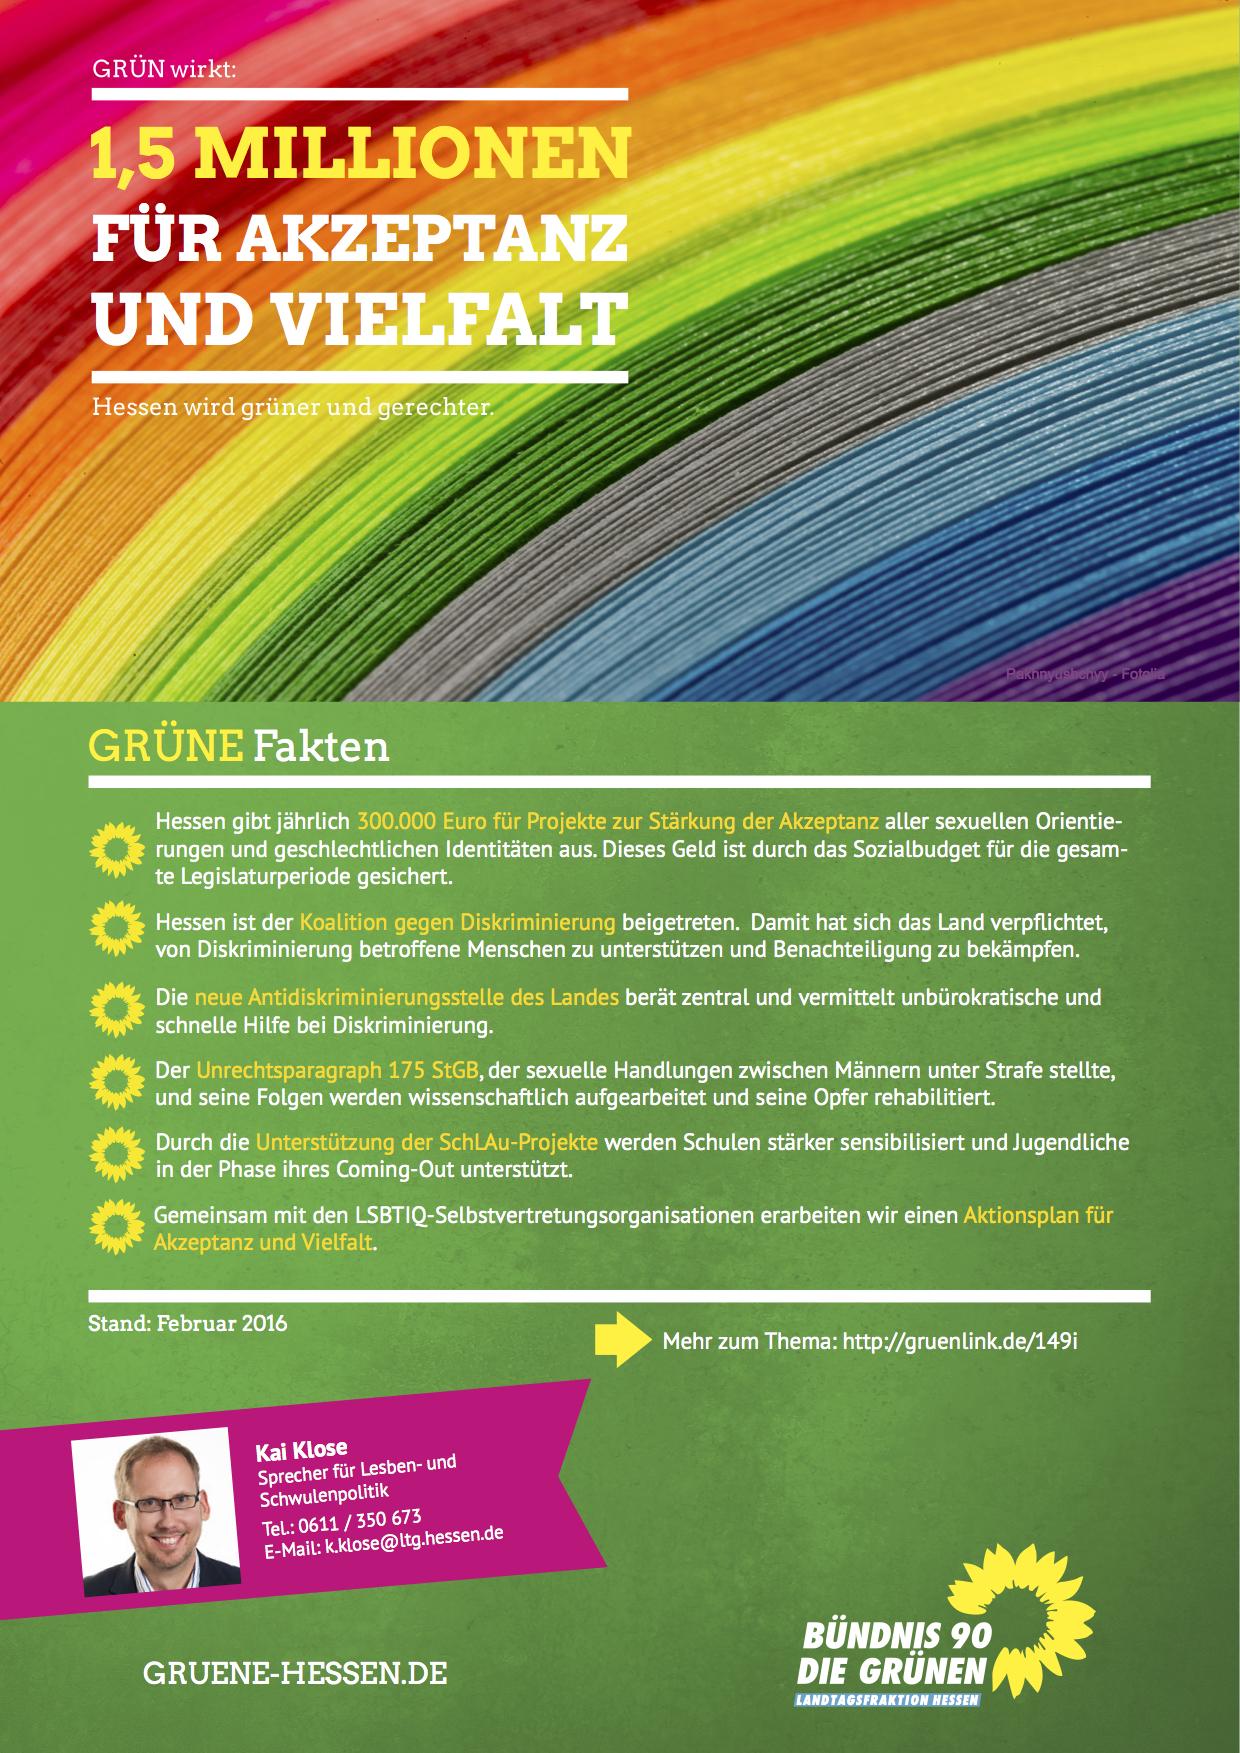 gruene-fakten-vielfalt